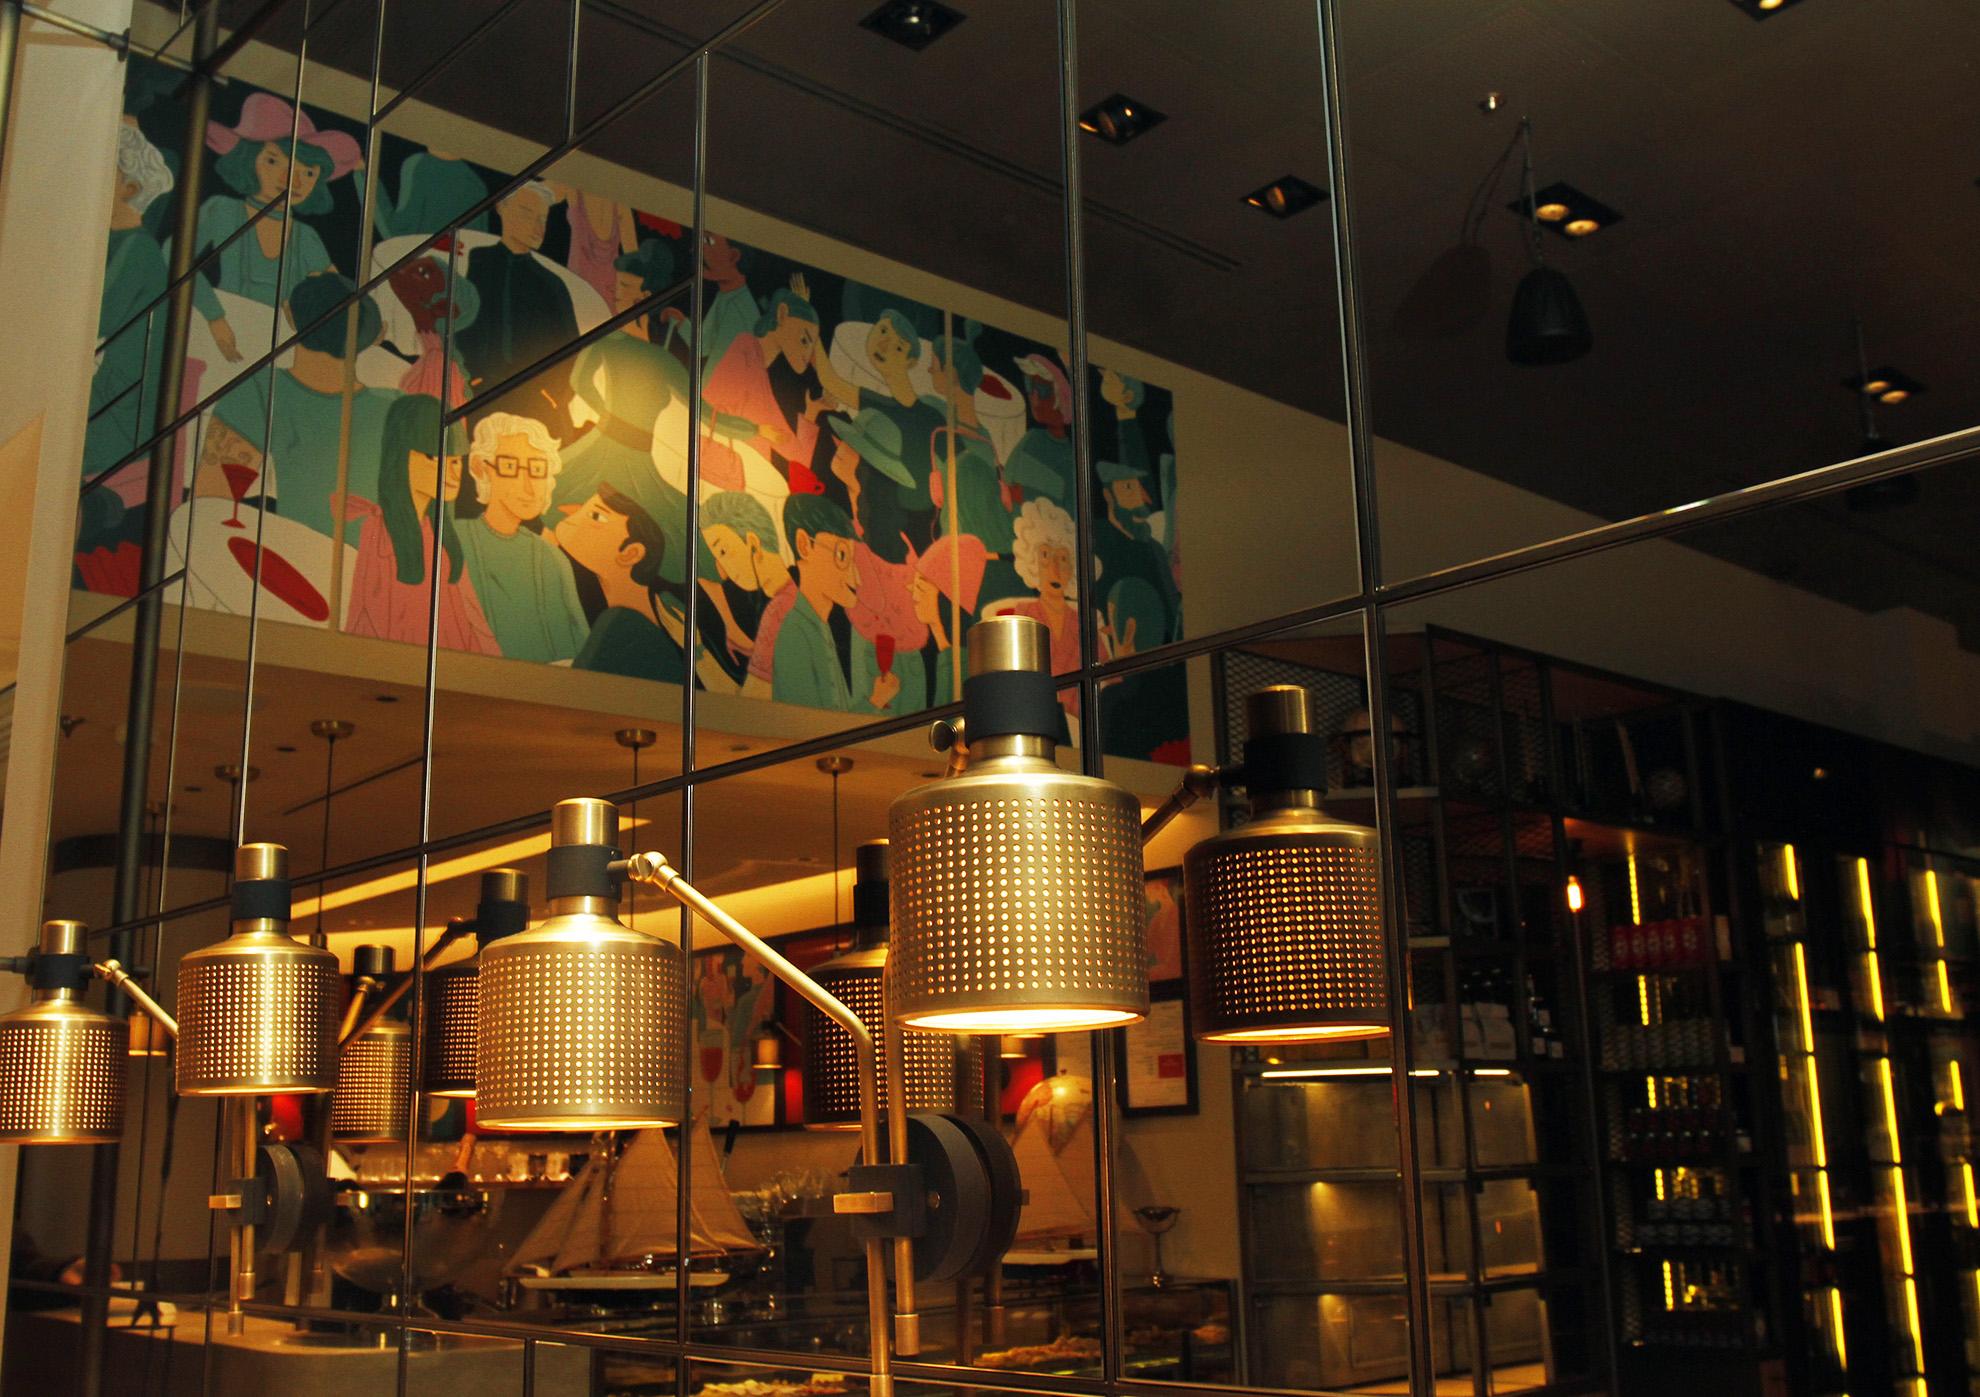 Ristorante langosteria cafè milano cannata factory